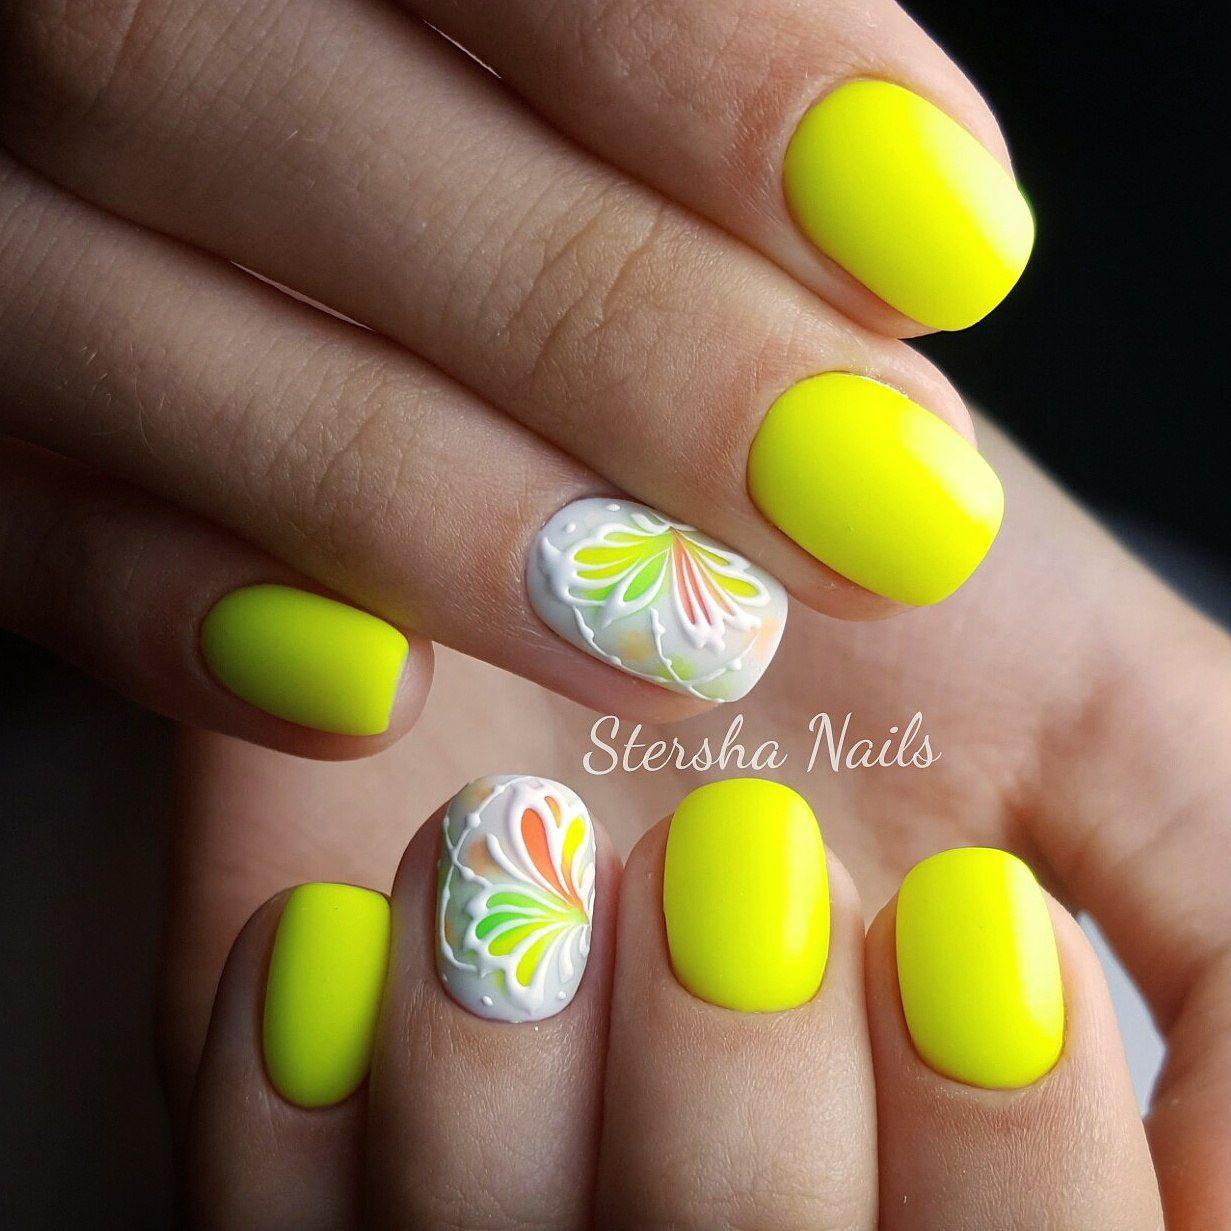 Дизайн ногтей желтый с серым фото